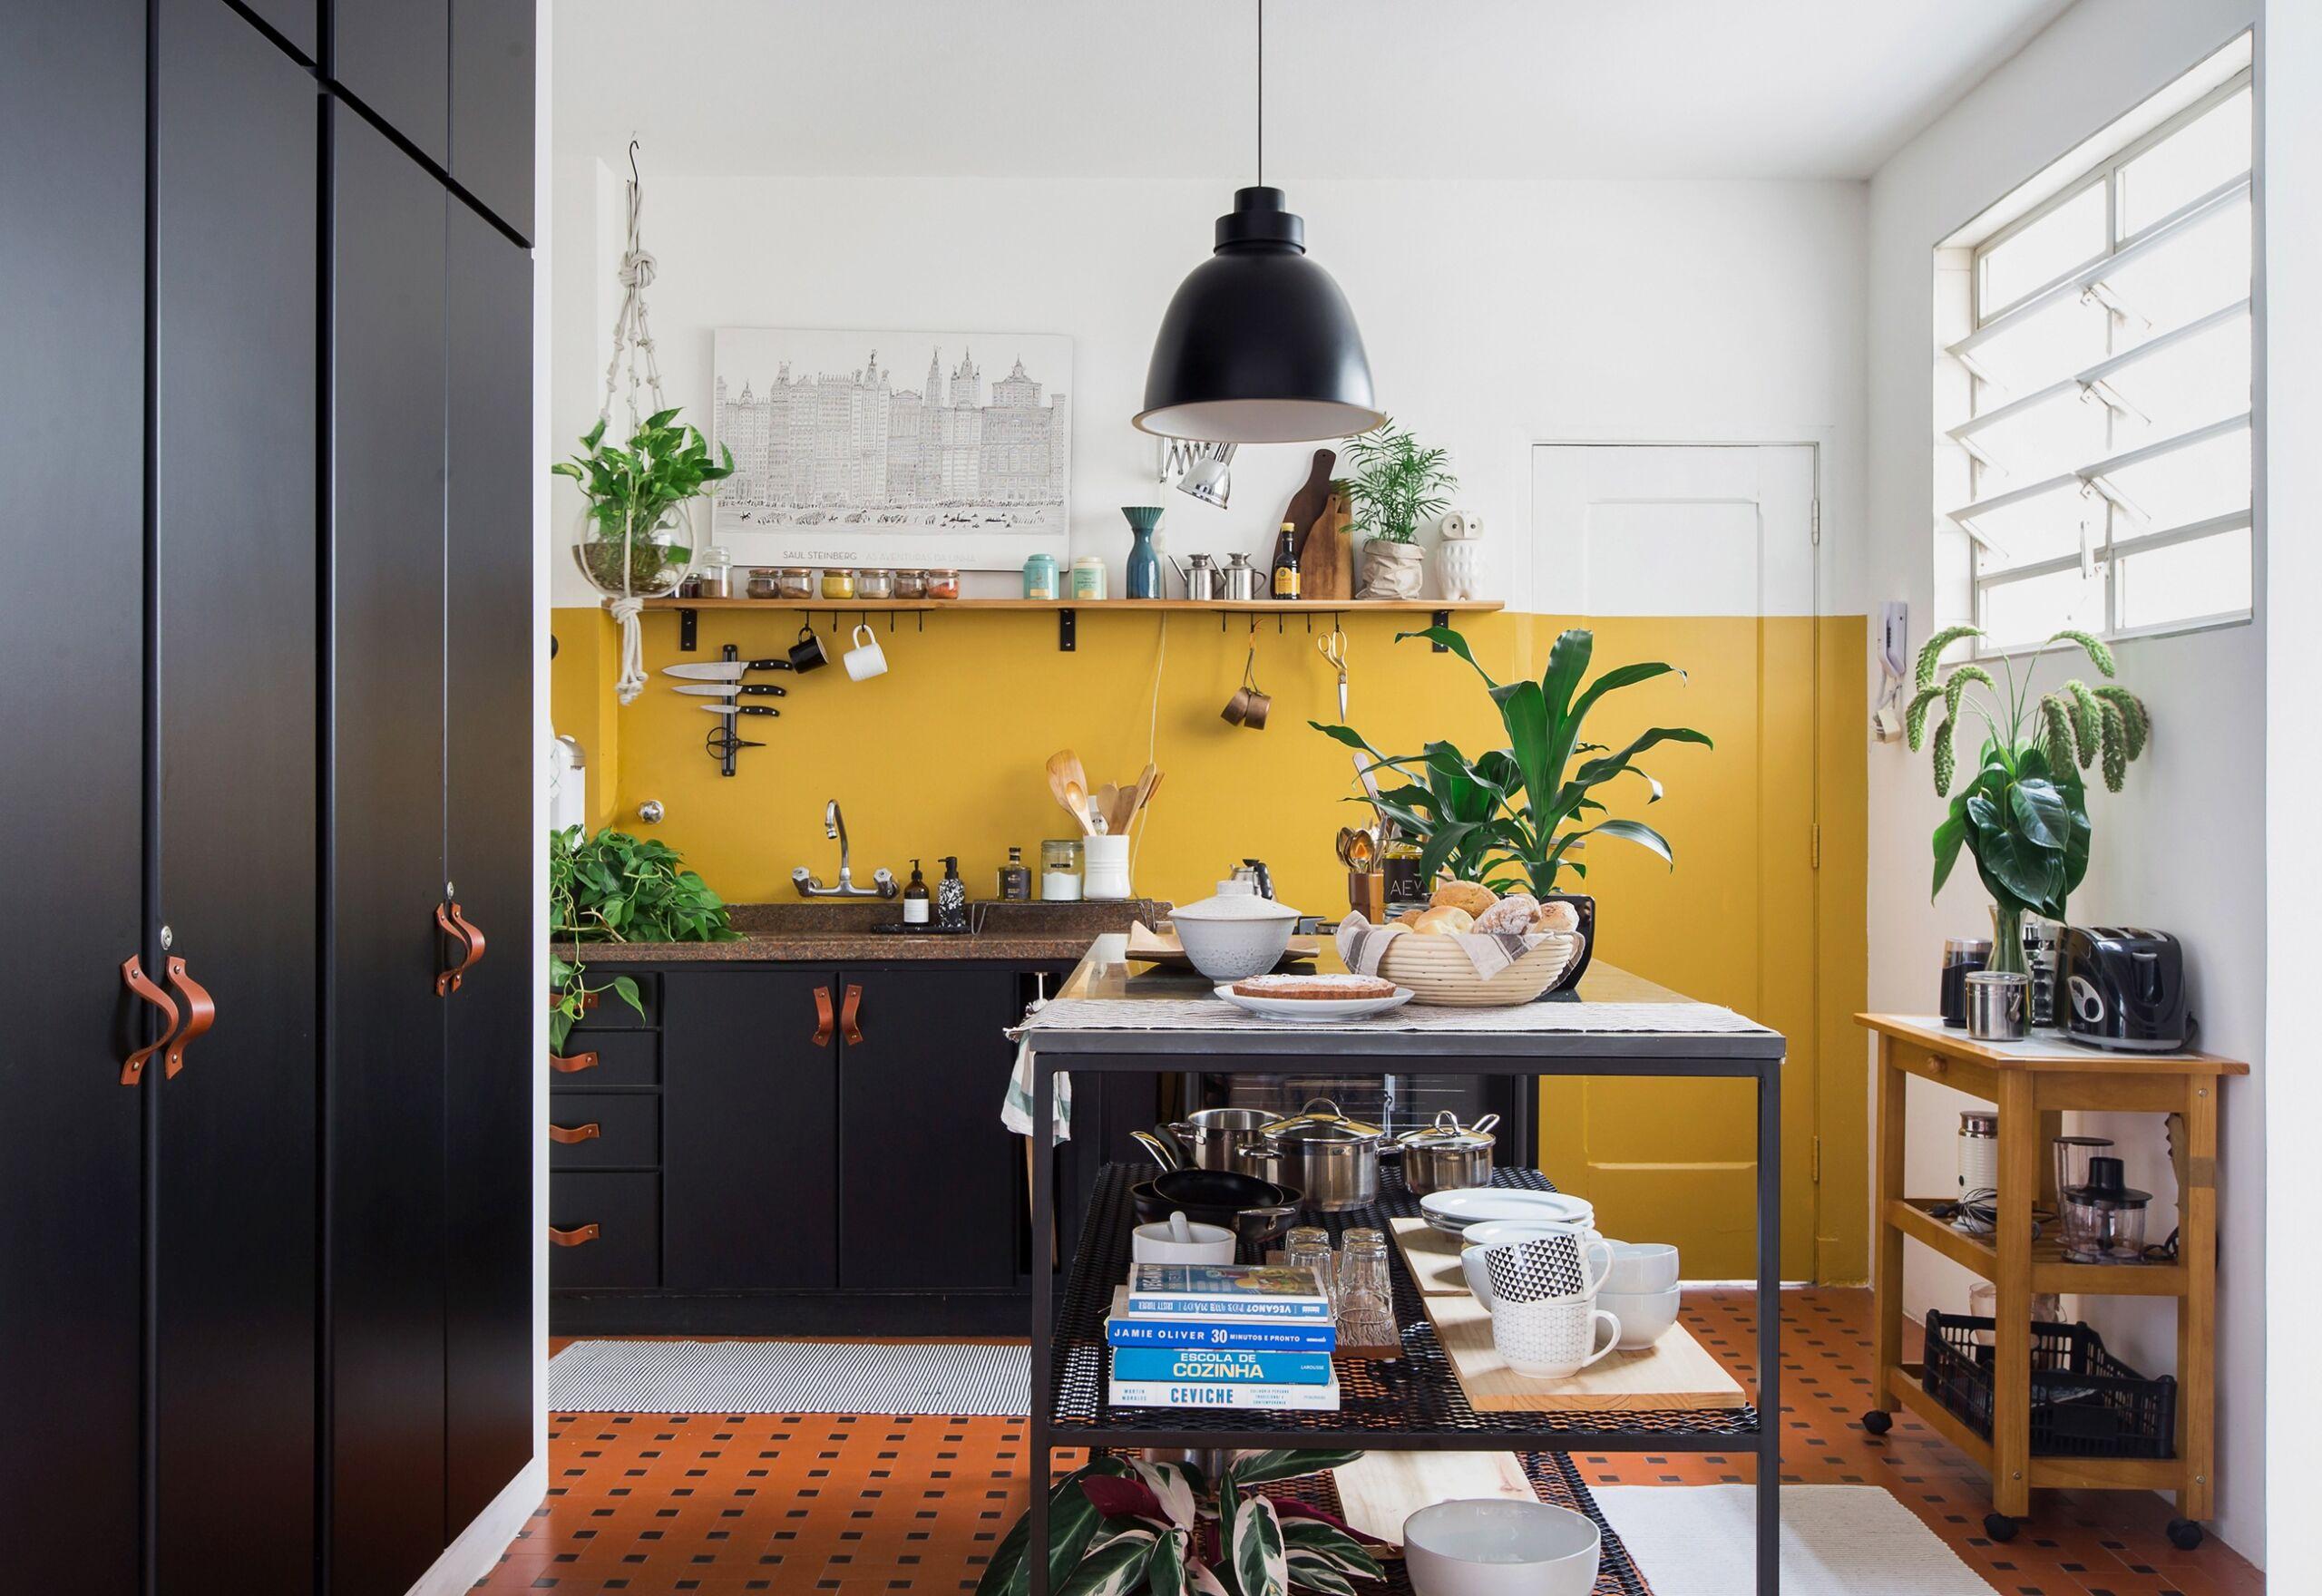 Cozinha reformada com parede mostarda em apê alugado